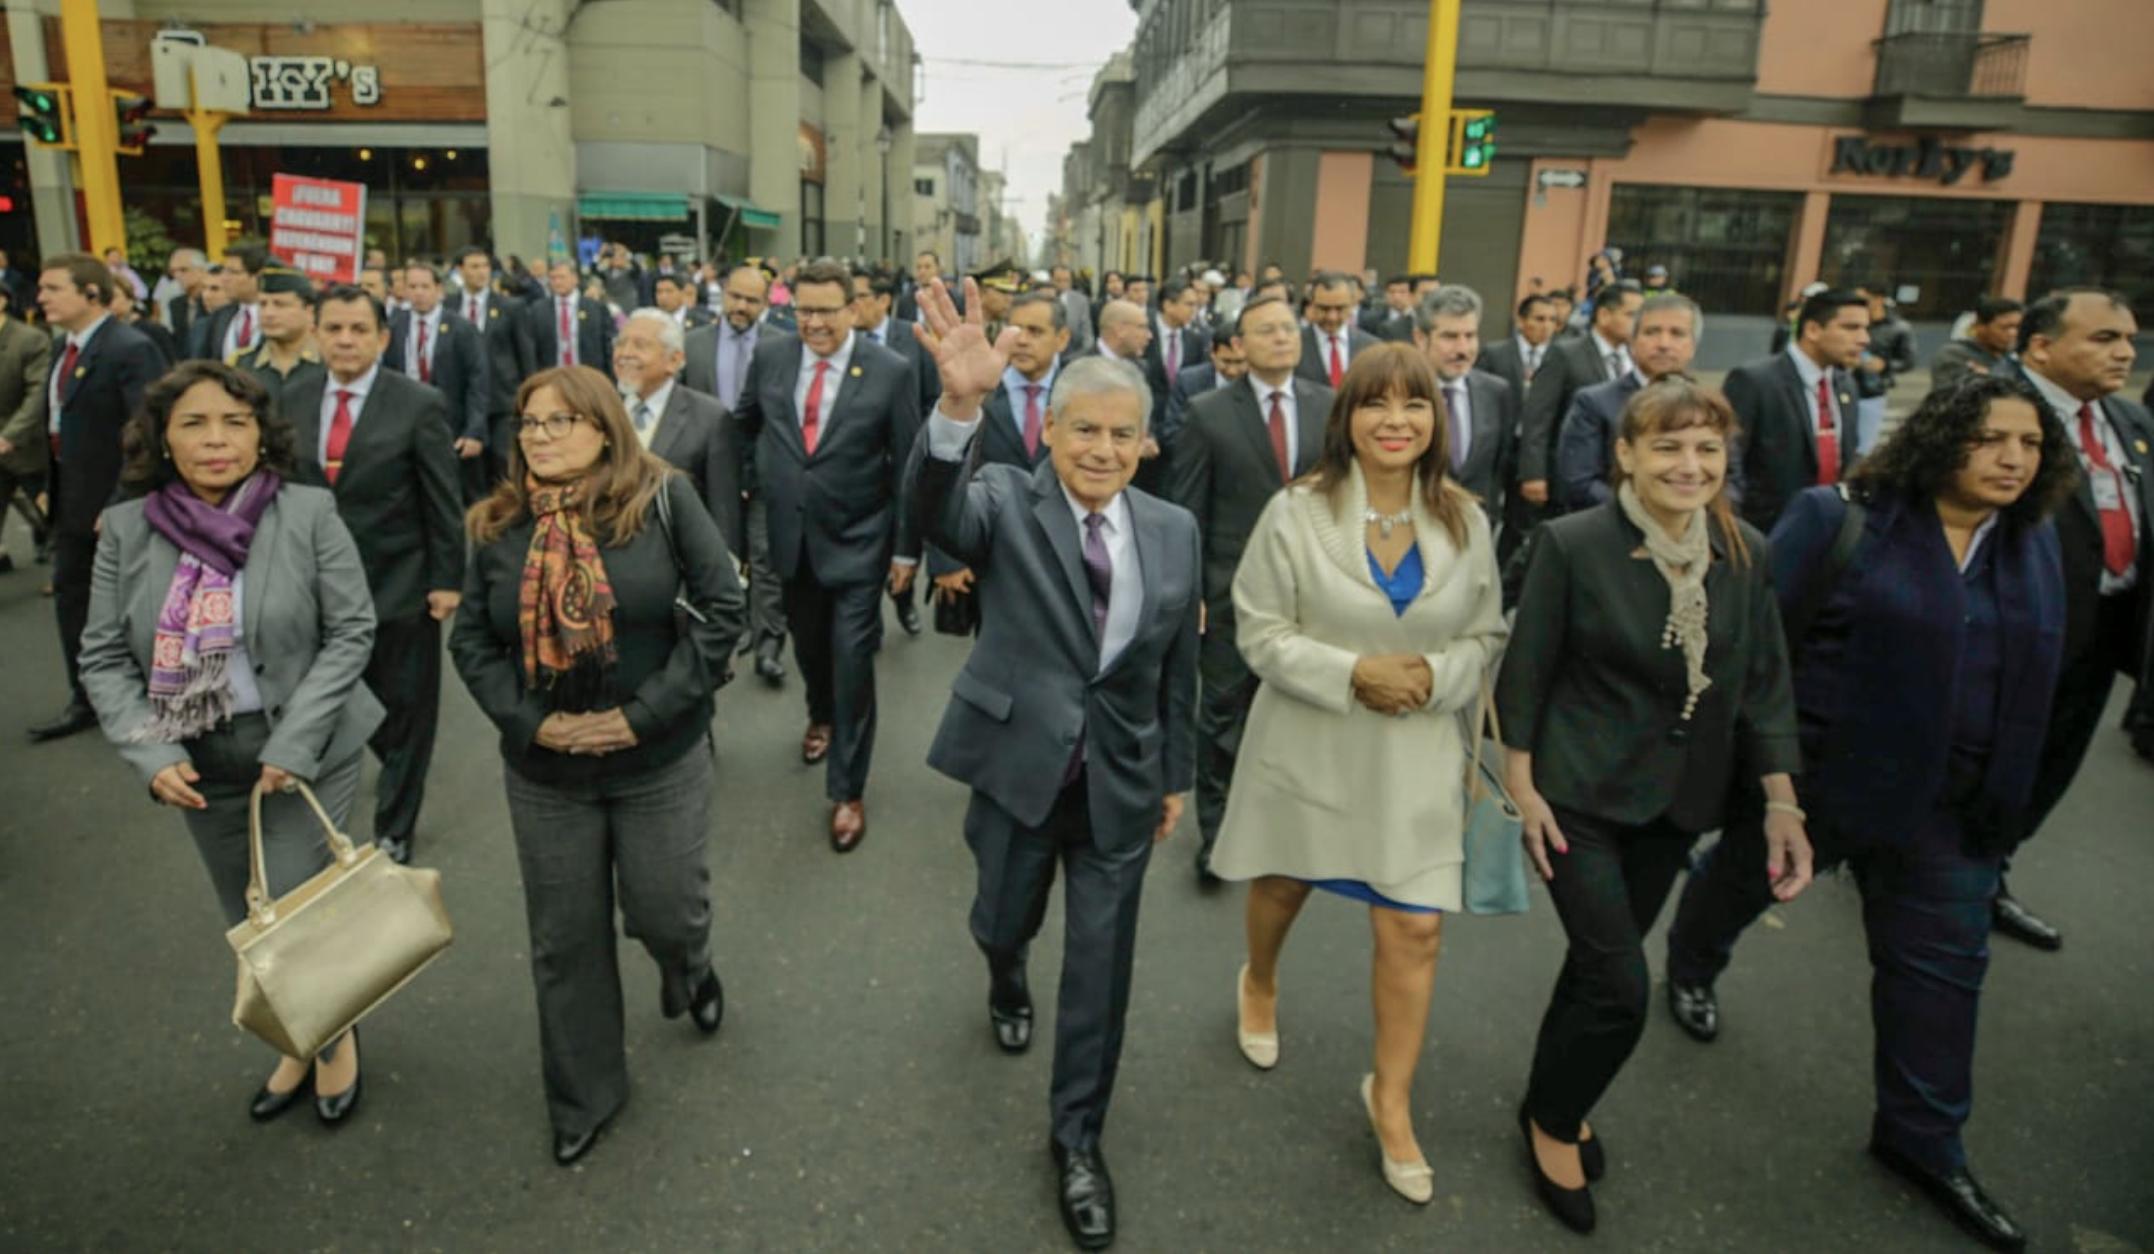 Peruvians march in support of Vizcarra's plea for judicial reform passage